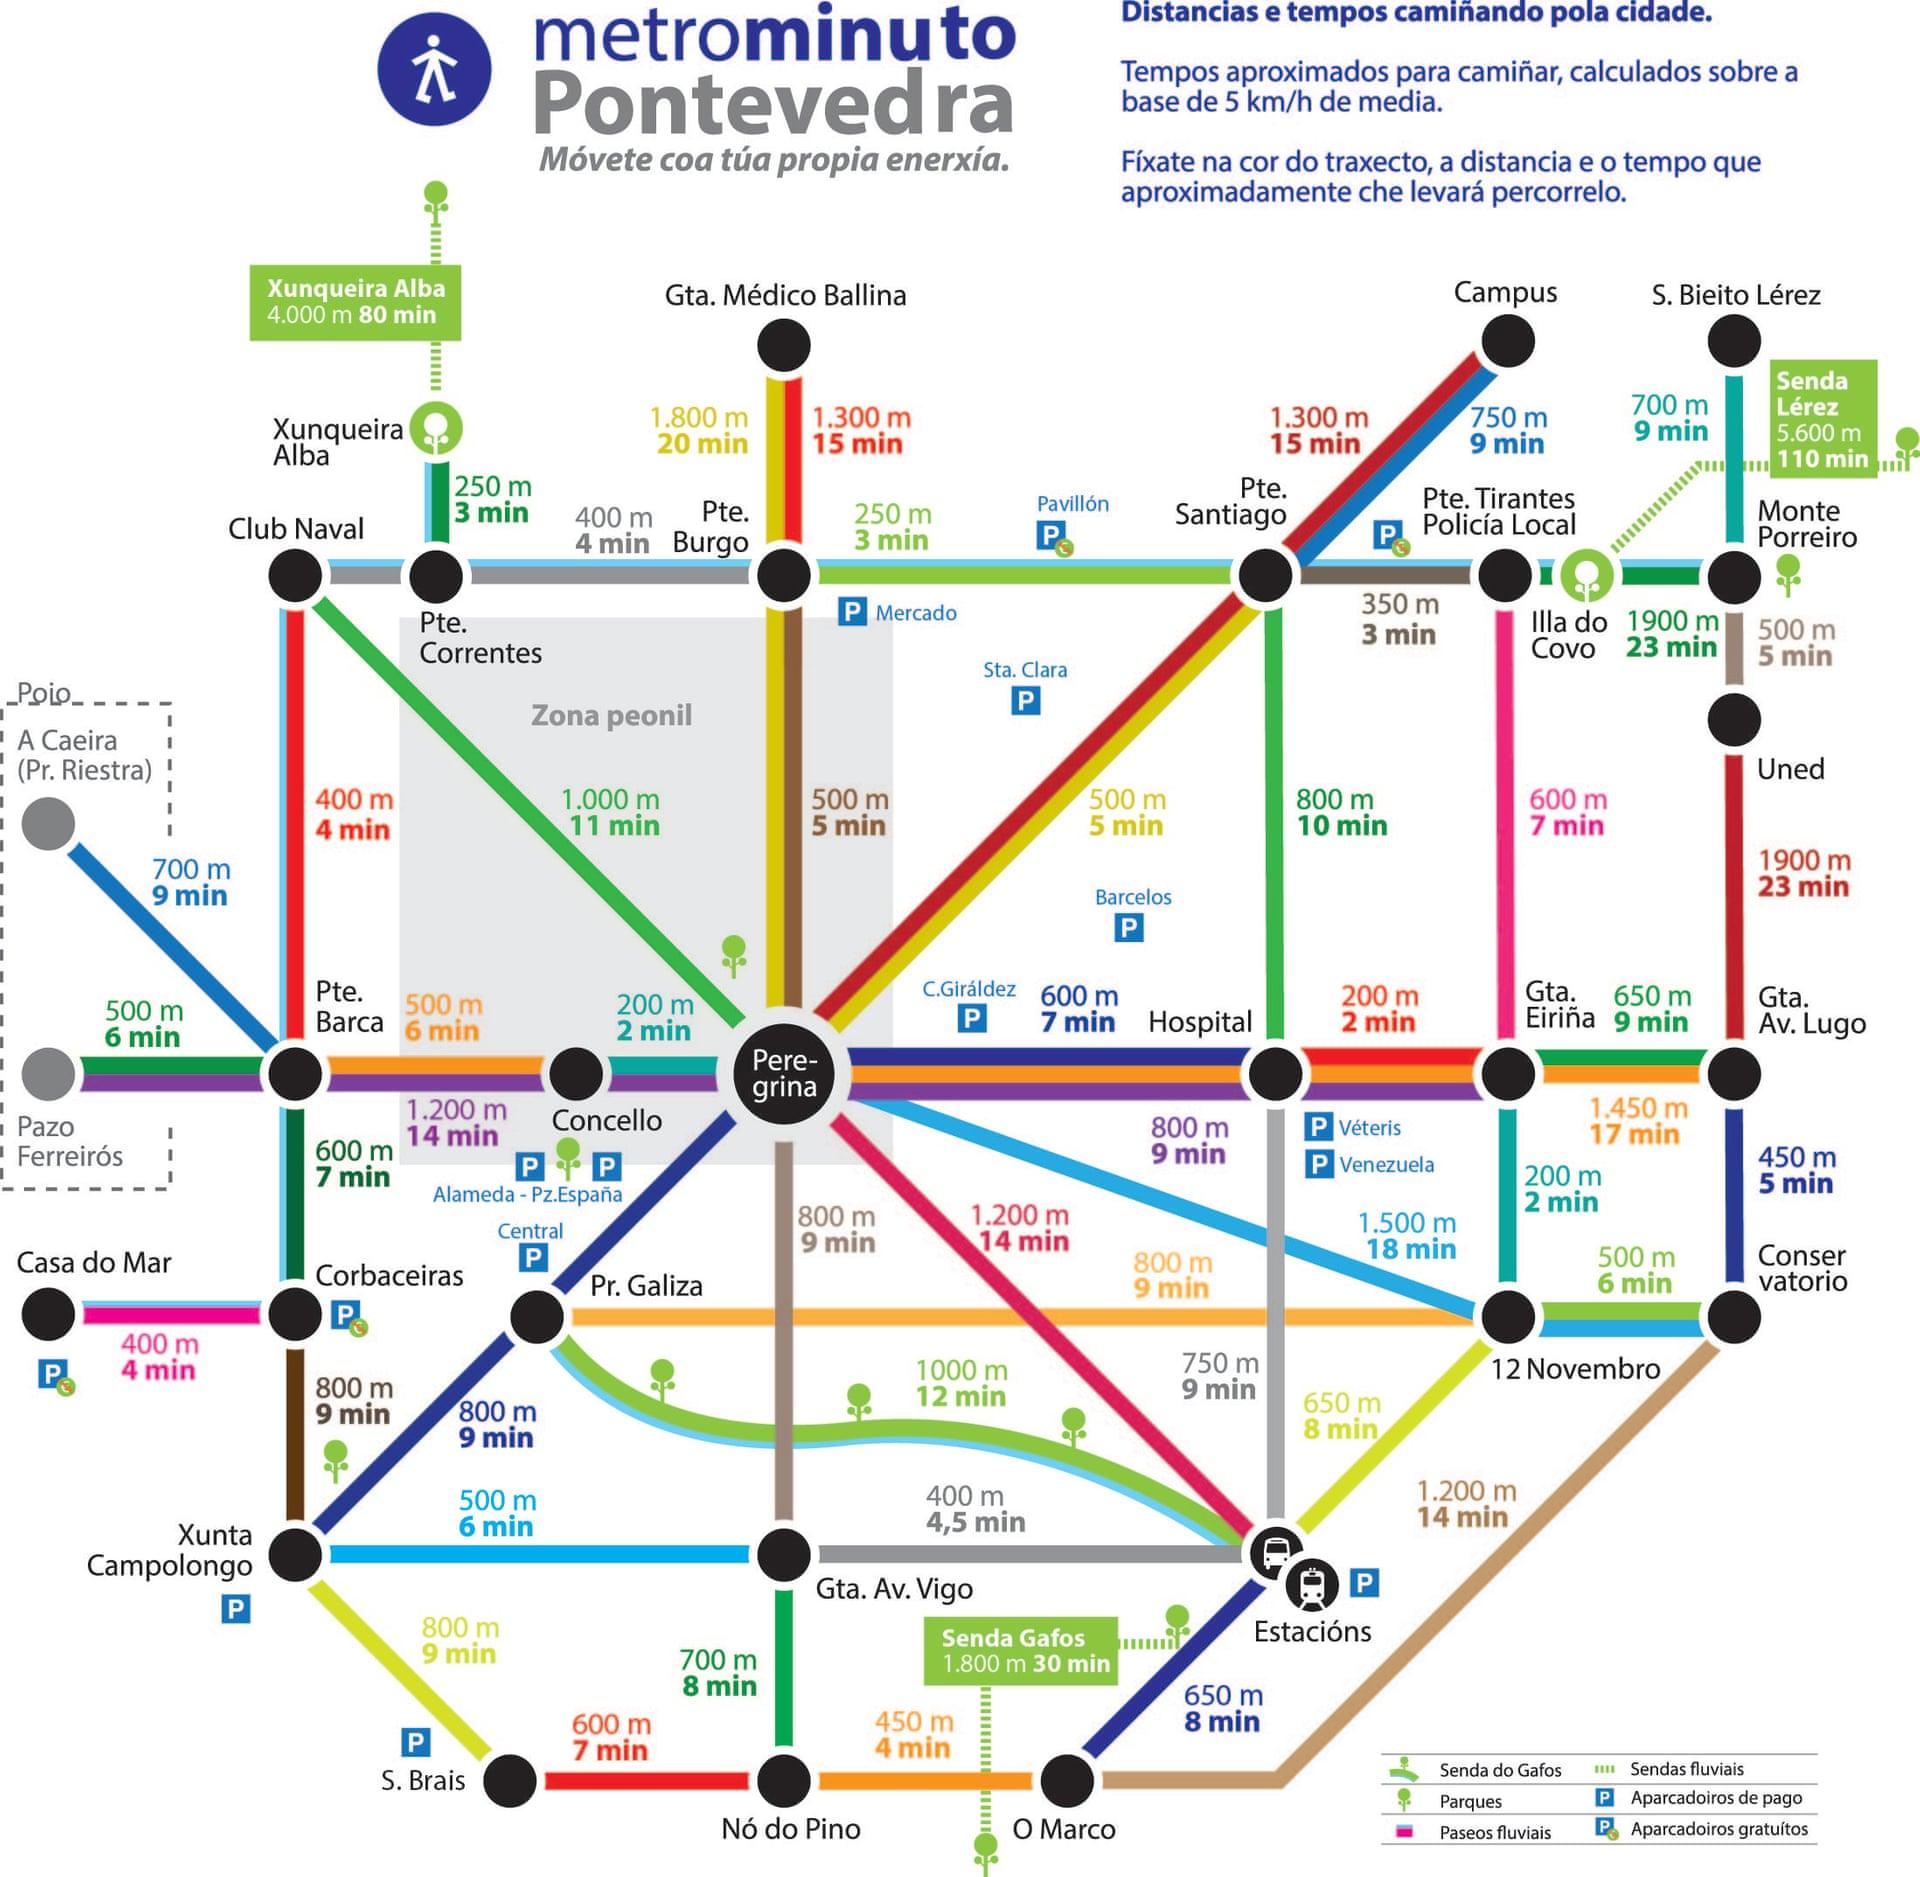 Карта Понтеведры выполненная под схему линий метро, показывает среднее время ходьбы пешком